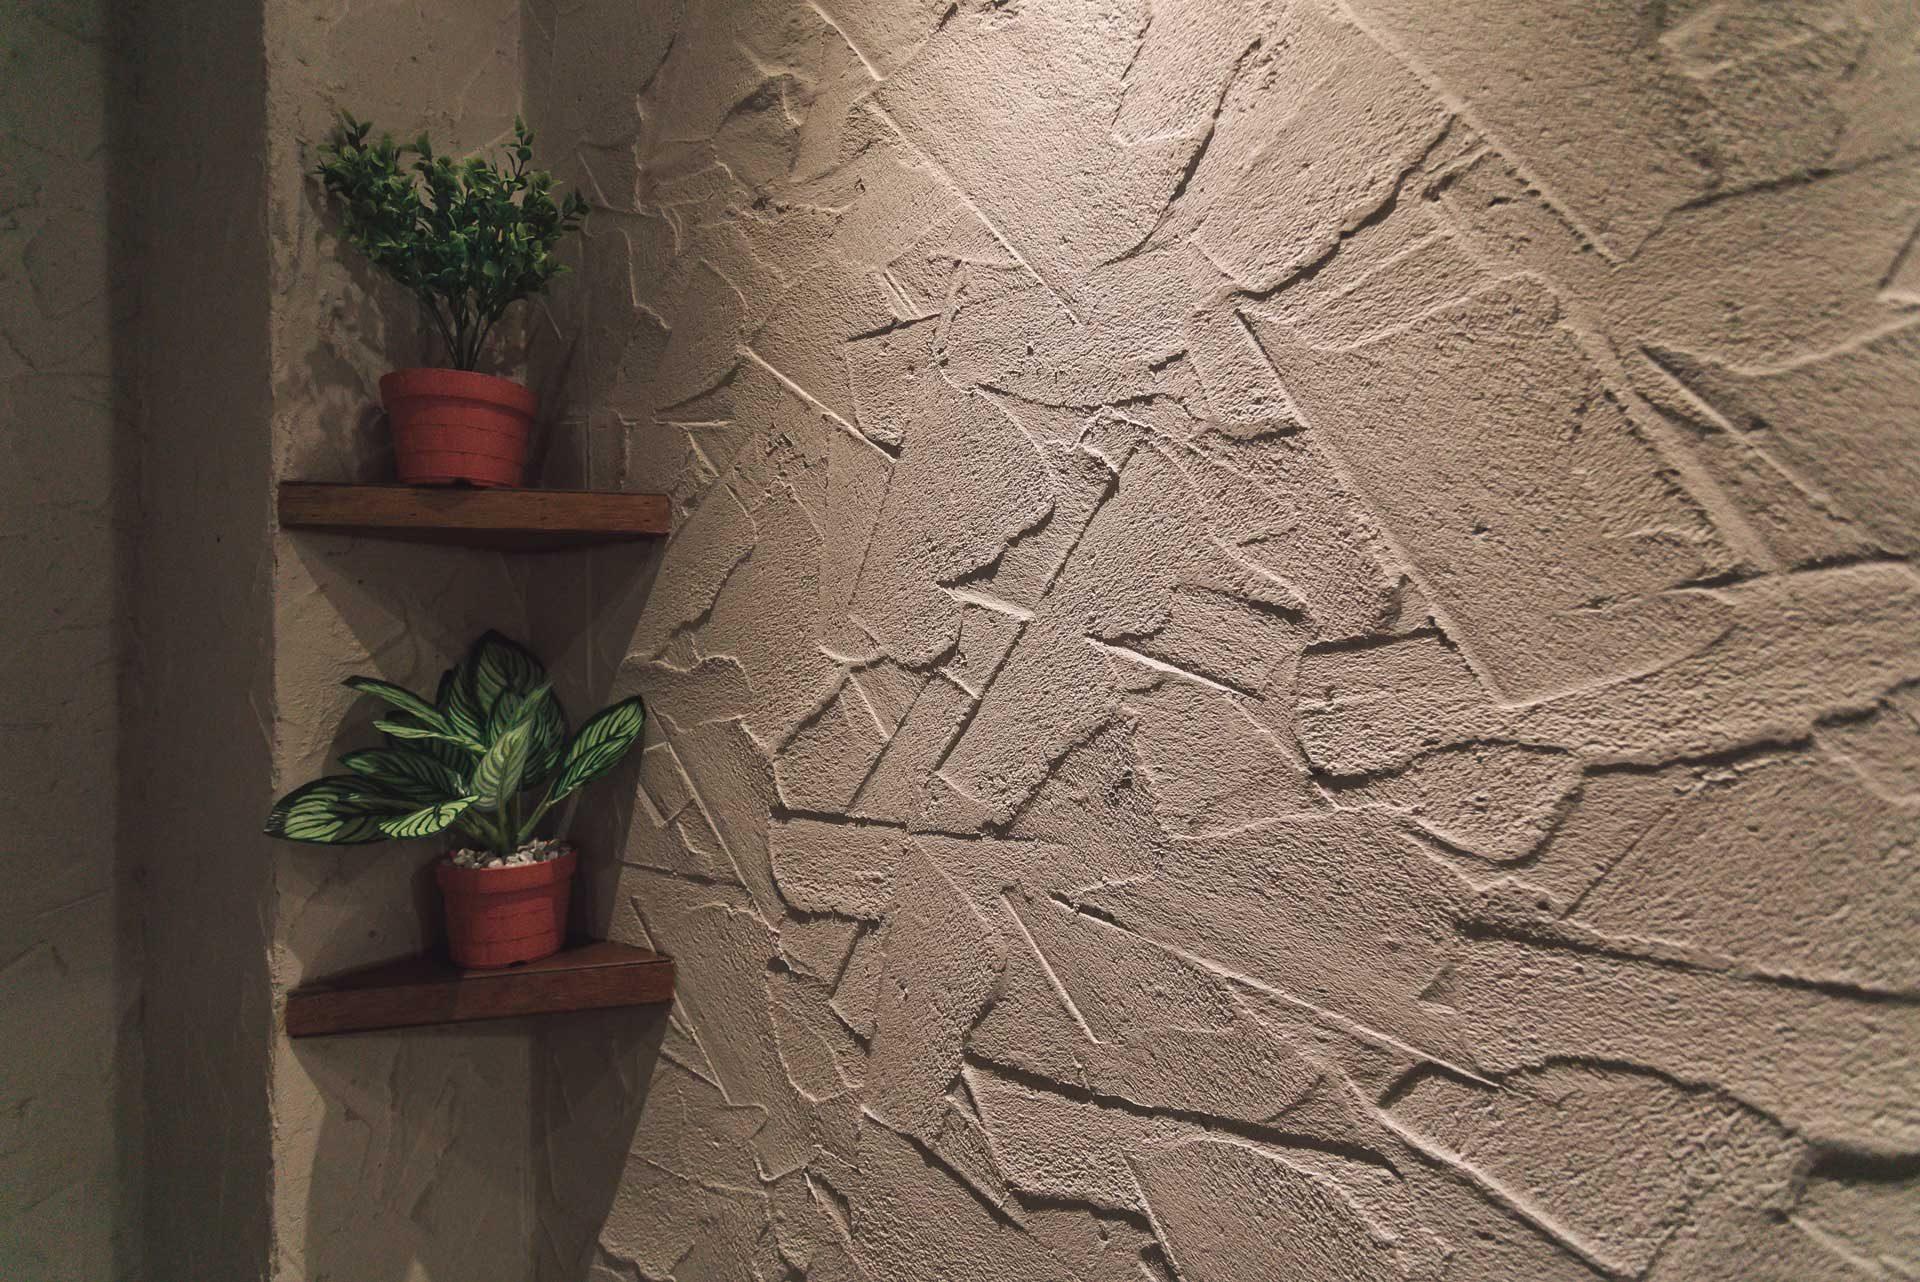 施工完成後的牆面紋理,與光線映照之下,提昇了整體質感